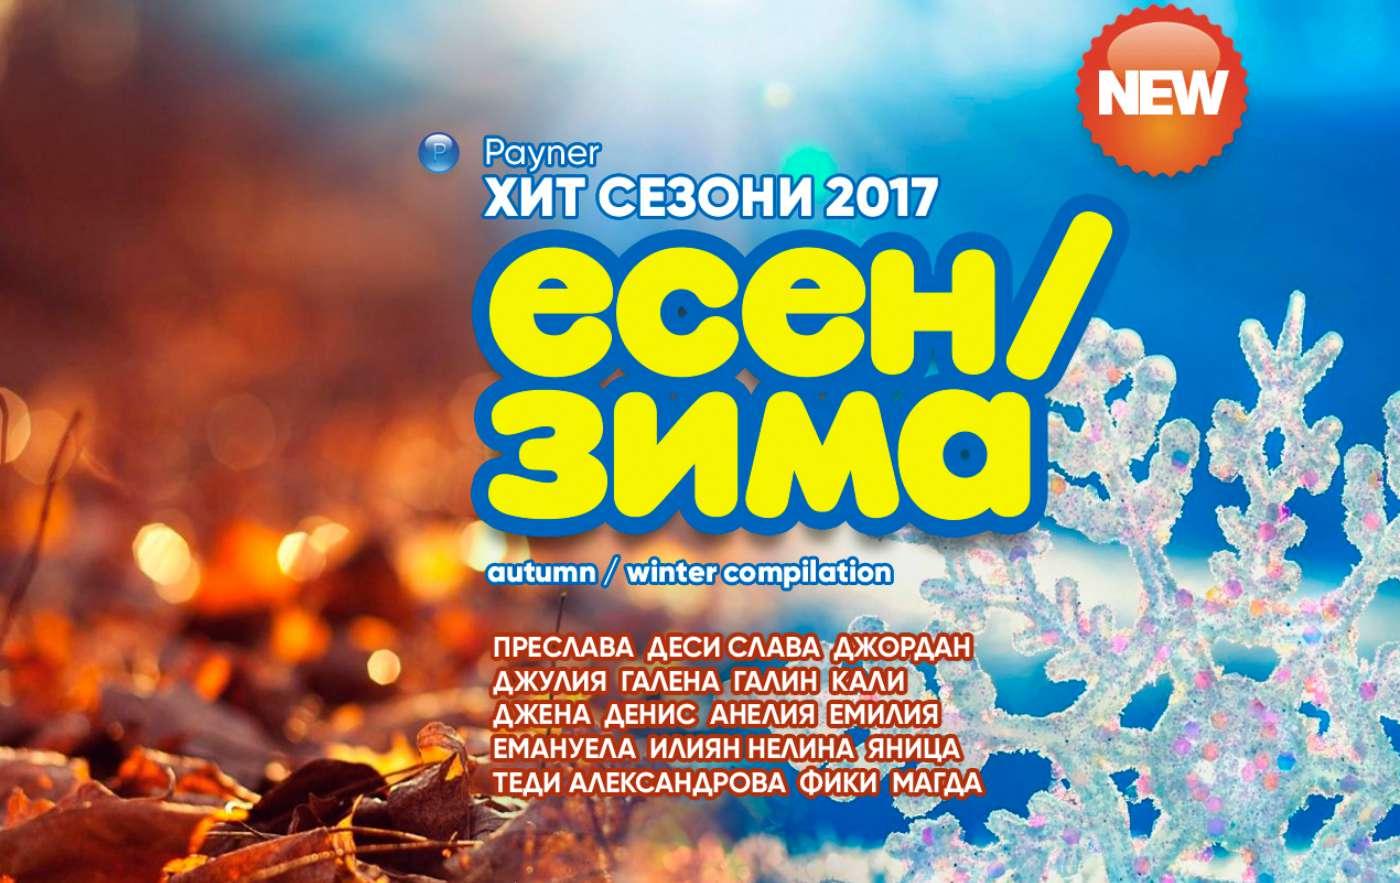 """""""Пайнер хит сезони – Есен/Зима 2017"""" вече на пазара"""